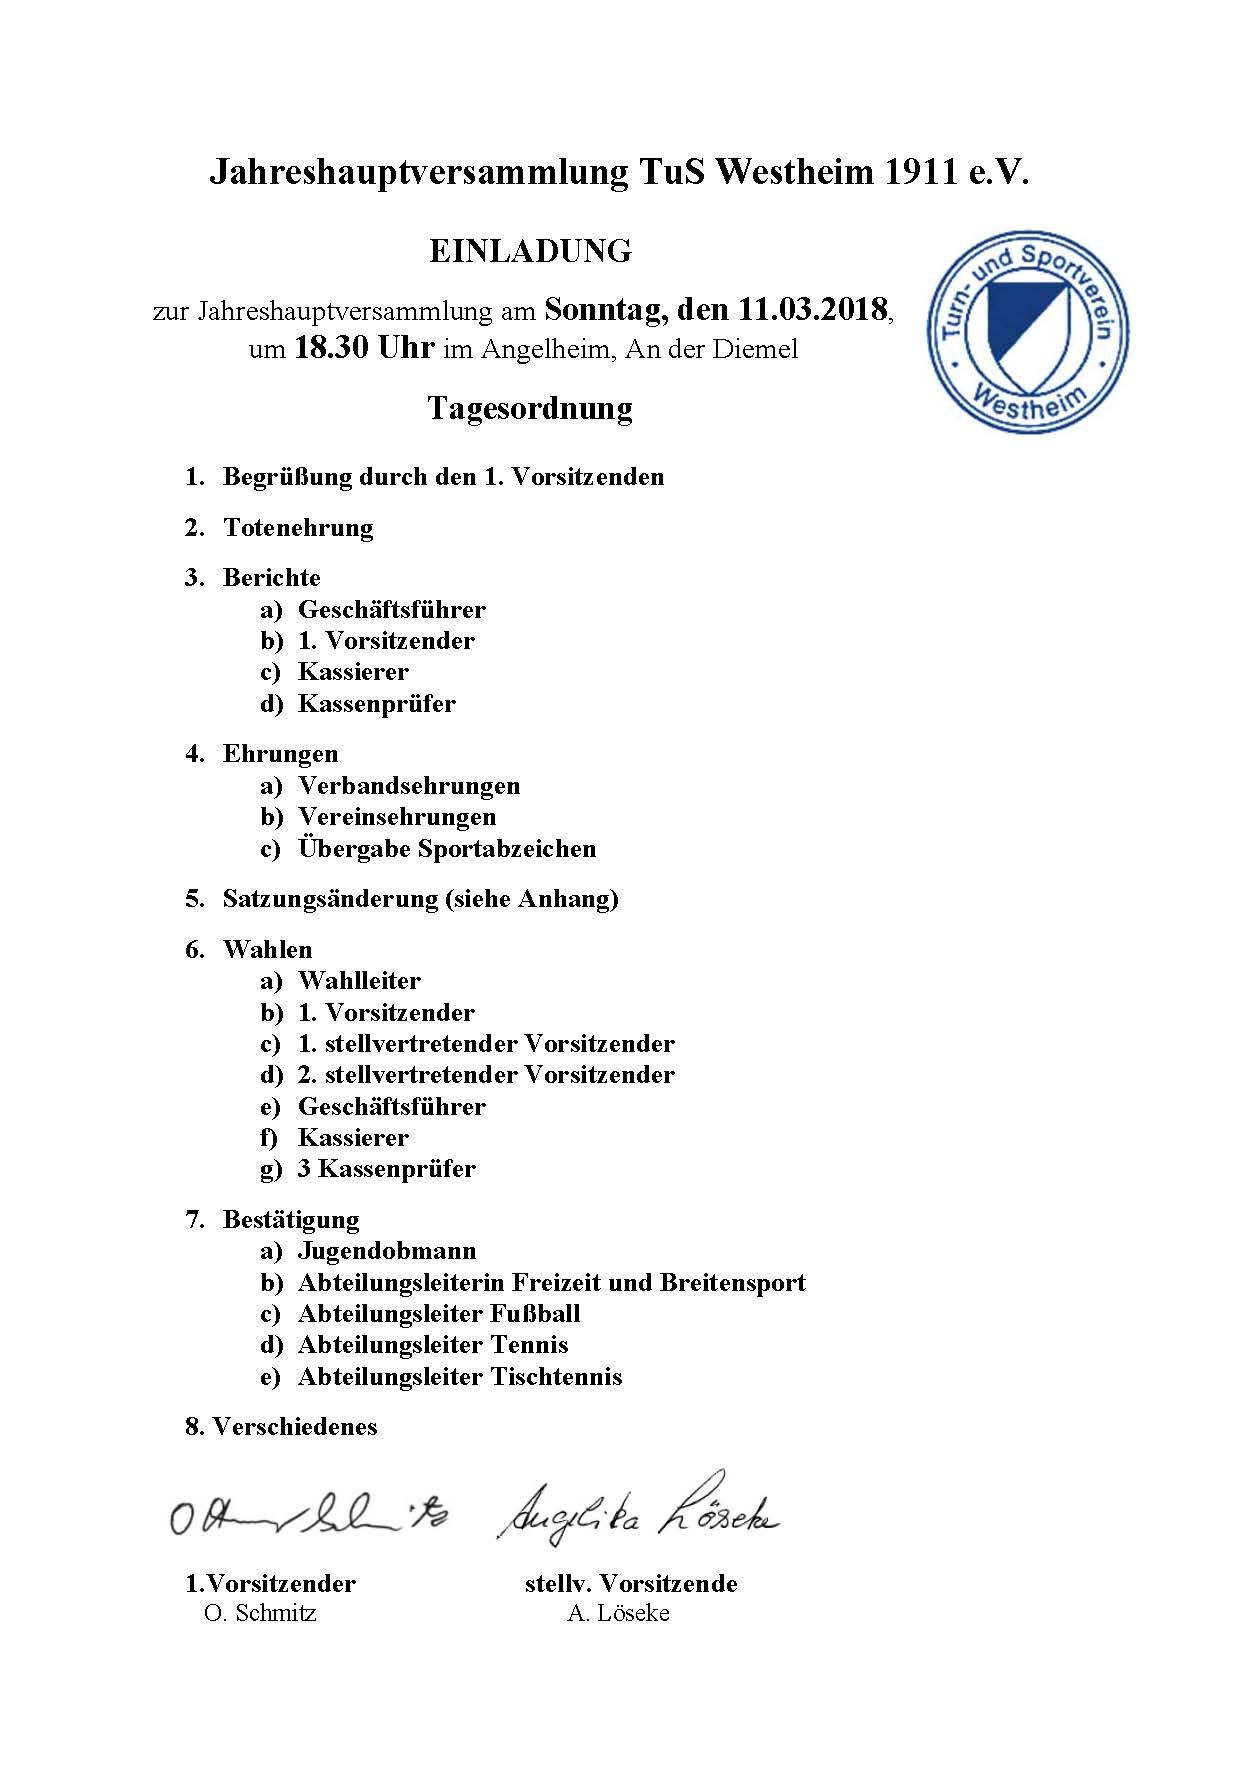 Fein Erledigung Der Aufgaben Des Kassierers Bilder - Entry Level ...